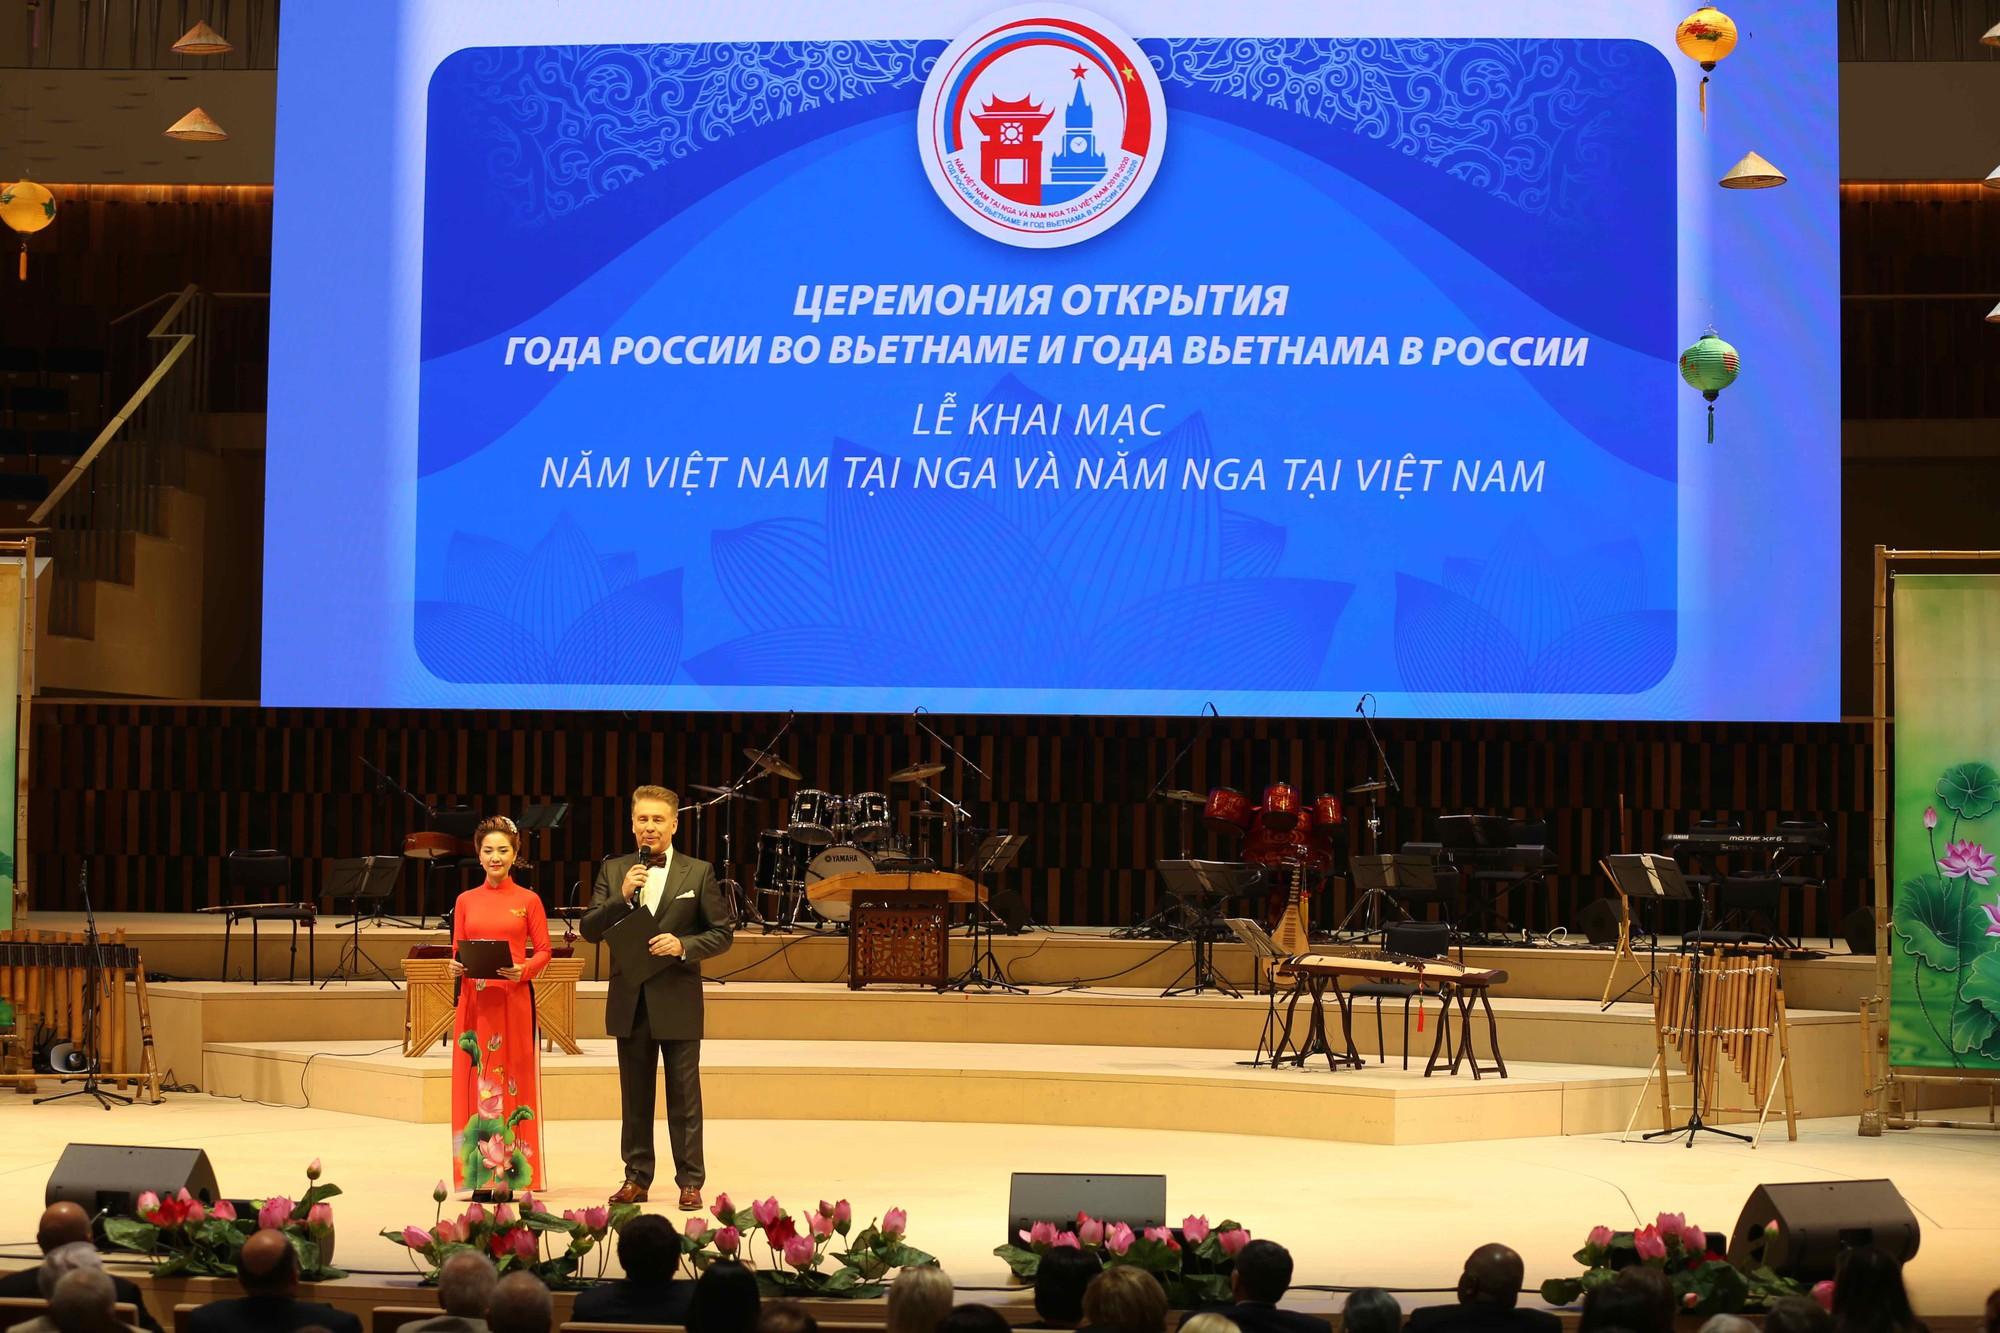 Chùm ảnh: Khai mạc các hoạt động Năm Việt Nam tại Nga và Năm Nga tại Việt Nam - Ảnh 6.